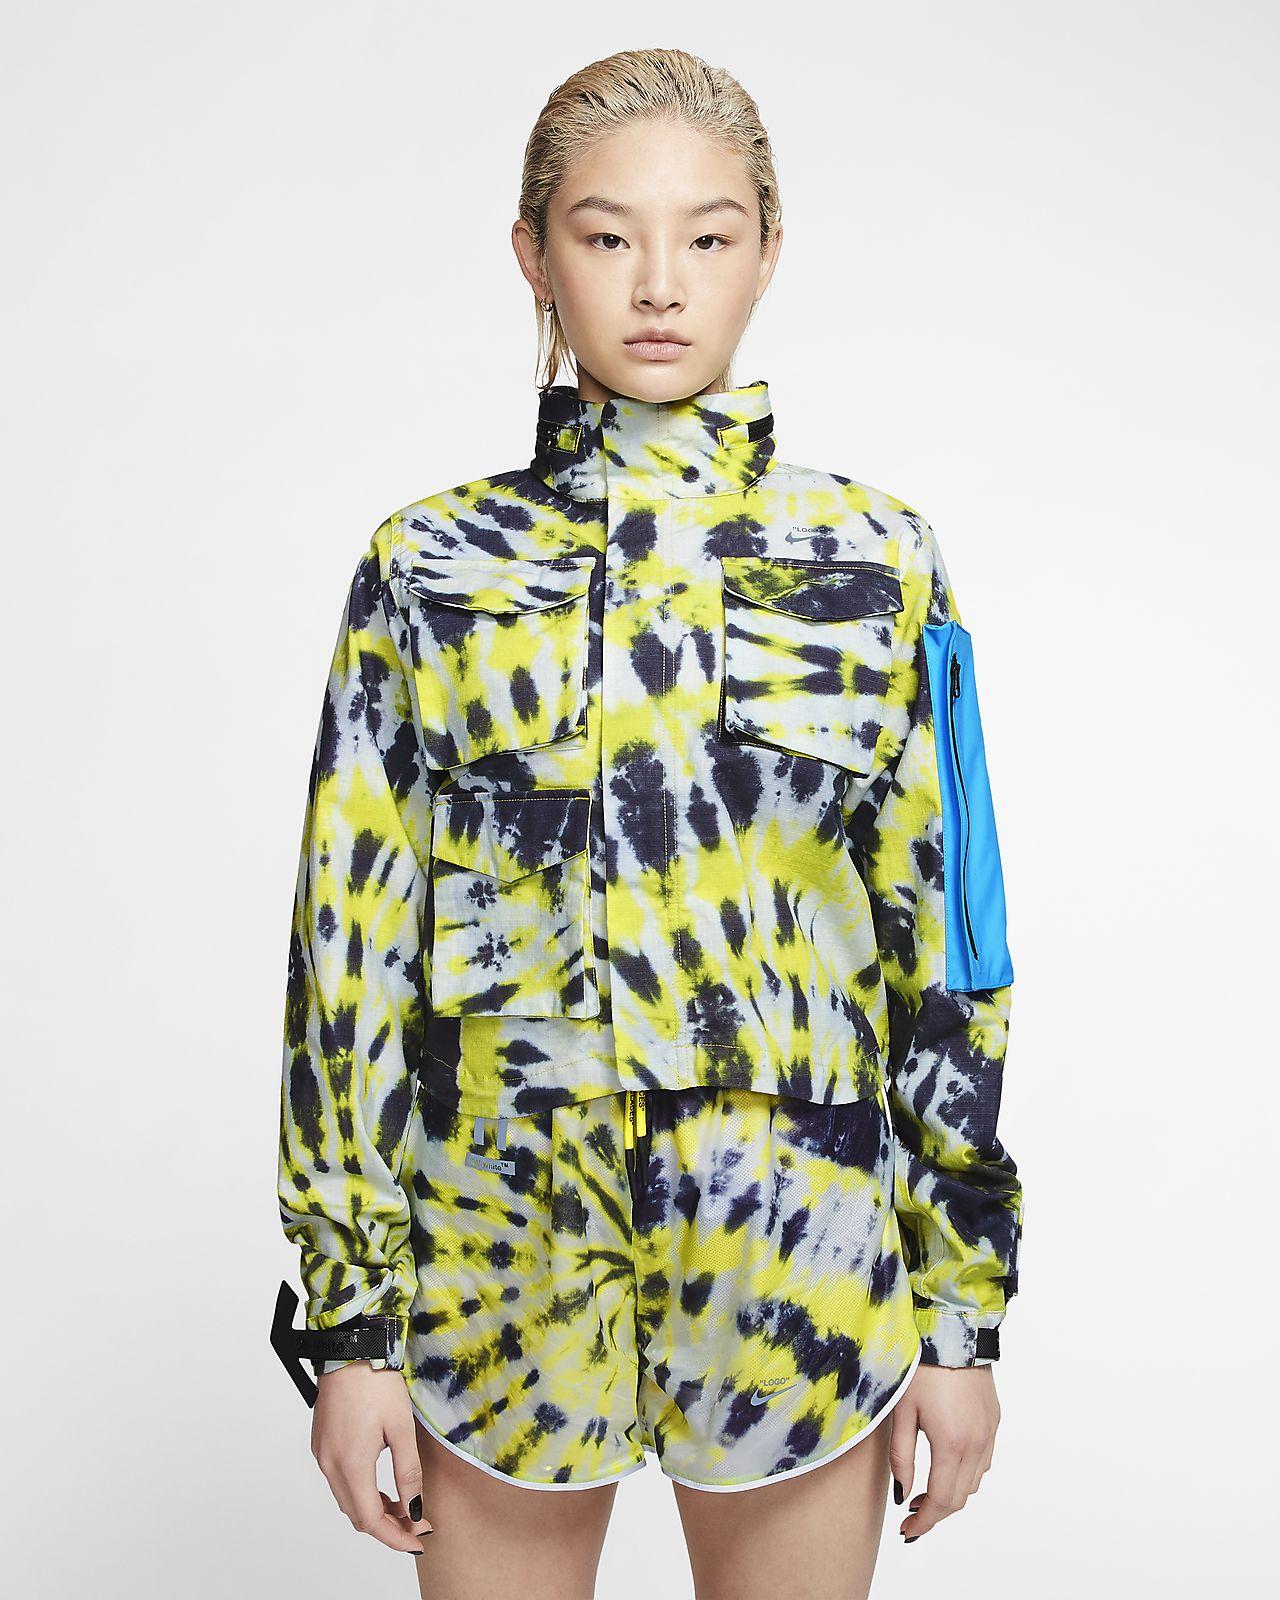 Nike x Off White™ Women's Tie Dye Jacket